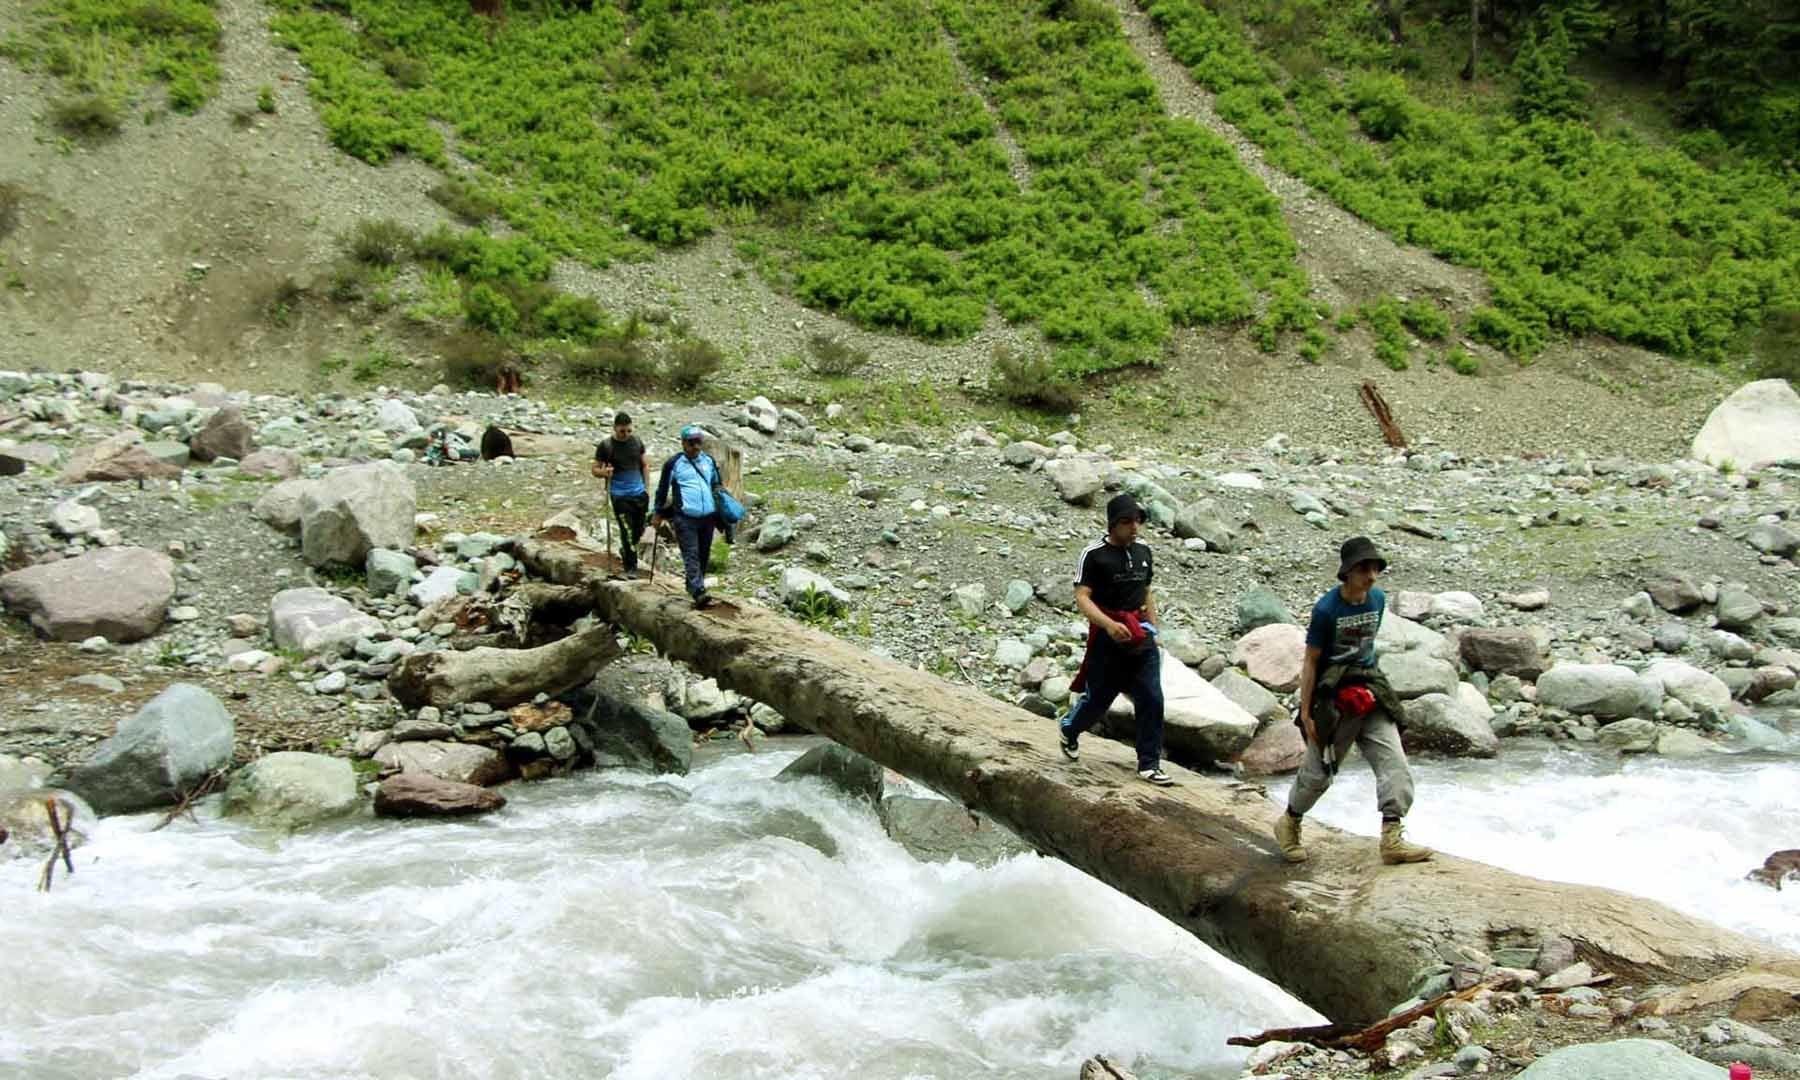 جنگل کا راستہ شروع ہونے سے پہلے دریا پر بنایا گیا مقامی پل—امجد علی سحابؔ